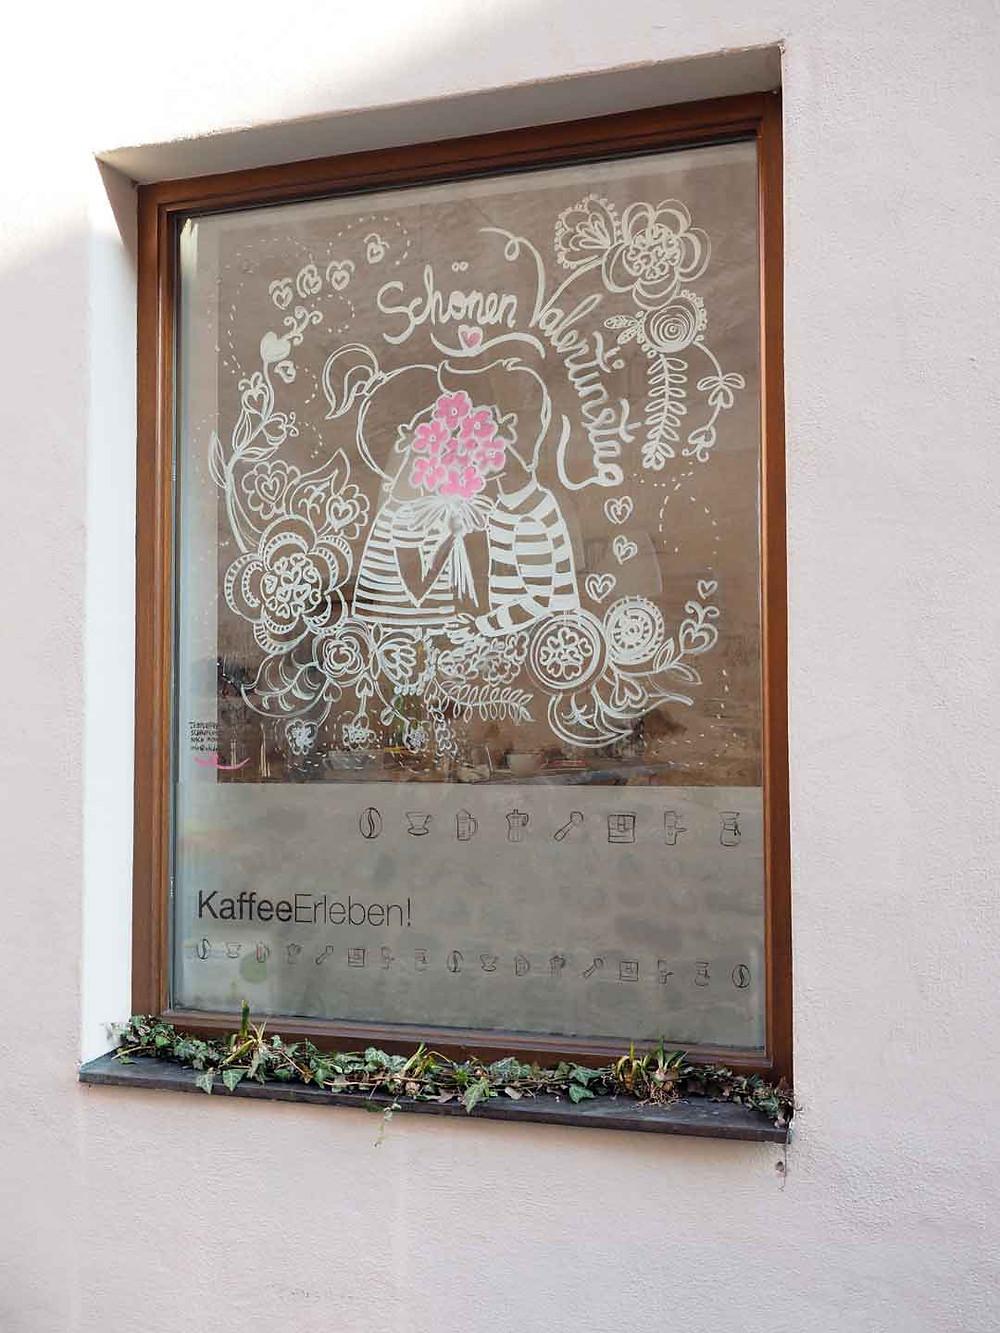 Temporäre SchaufensterGestaltung in der KaffeeRösterei Maaßen